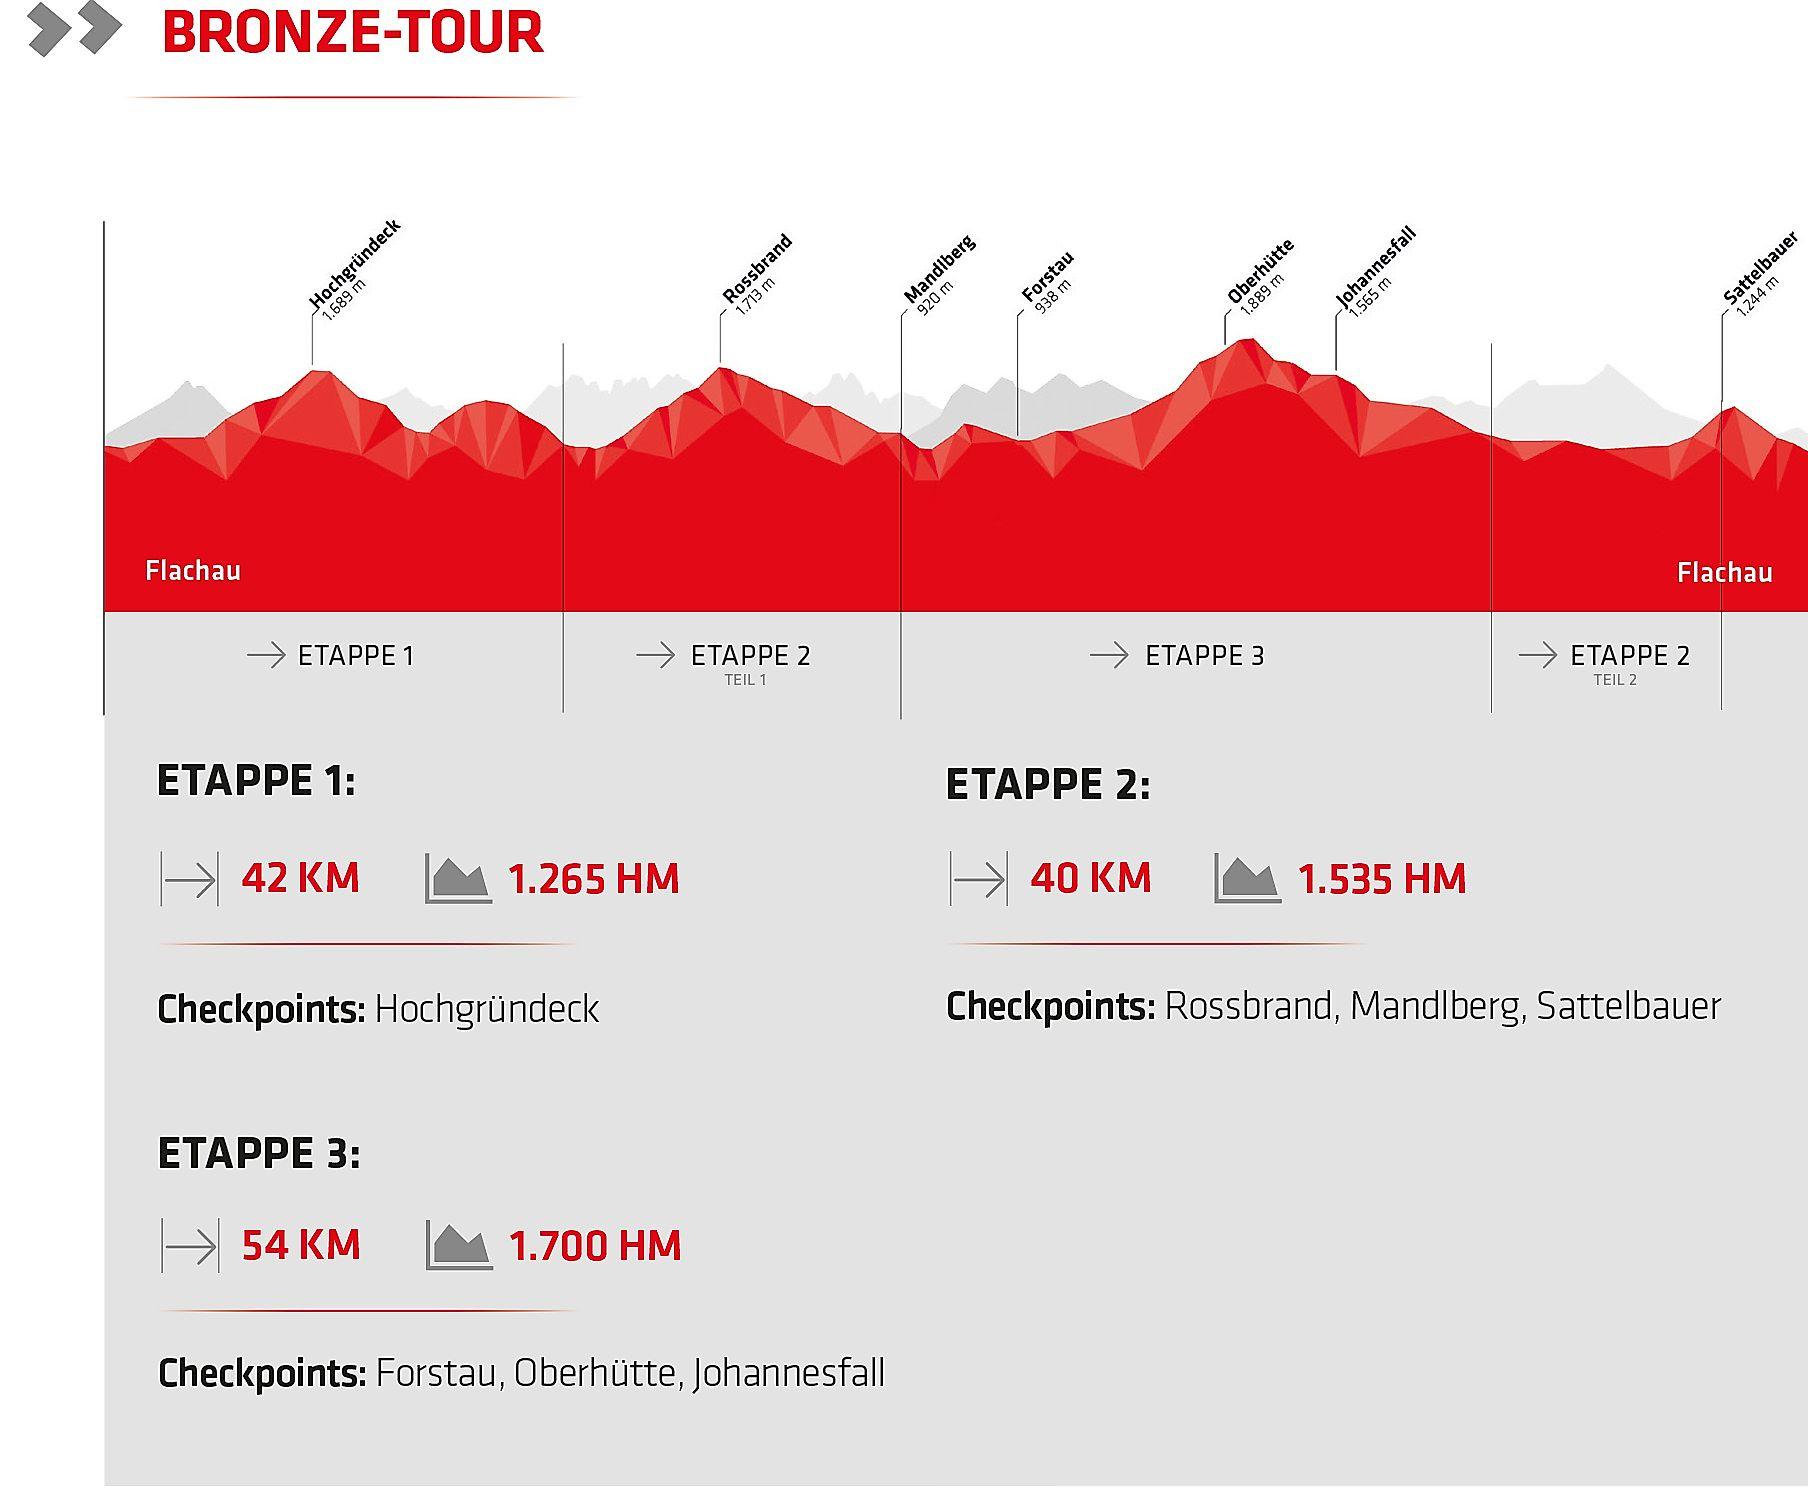 <p>Stoneman Taurista Etappenvorschlag für die BronzeTour</p>